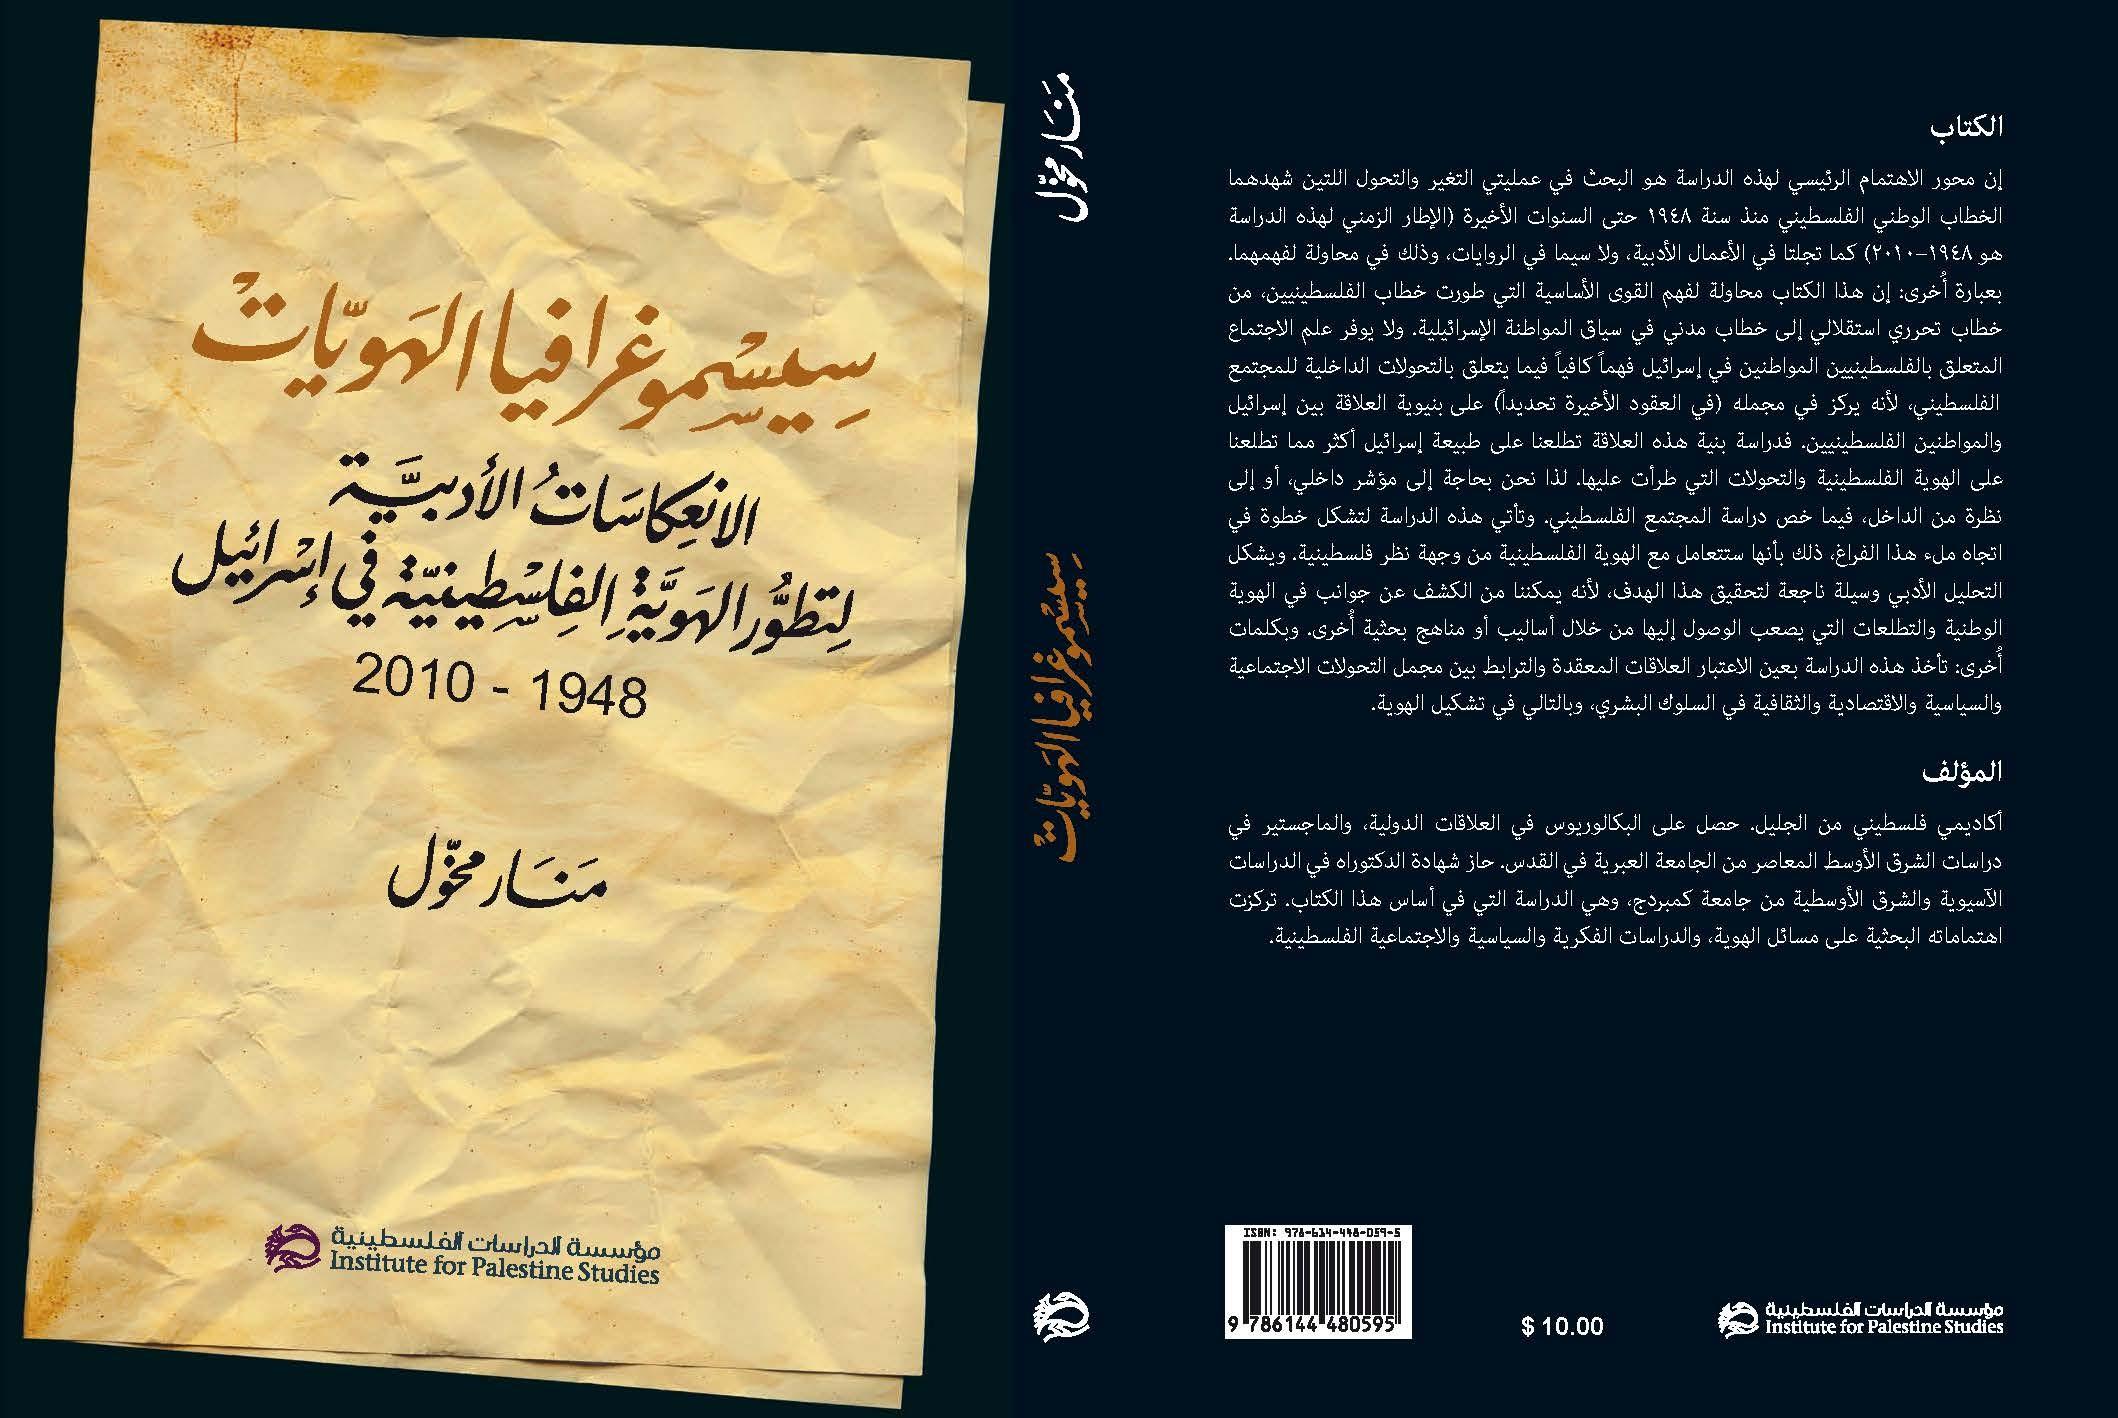 سيسموغرافيا الهويات - غلاف الكتاب.jpg